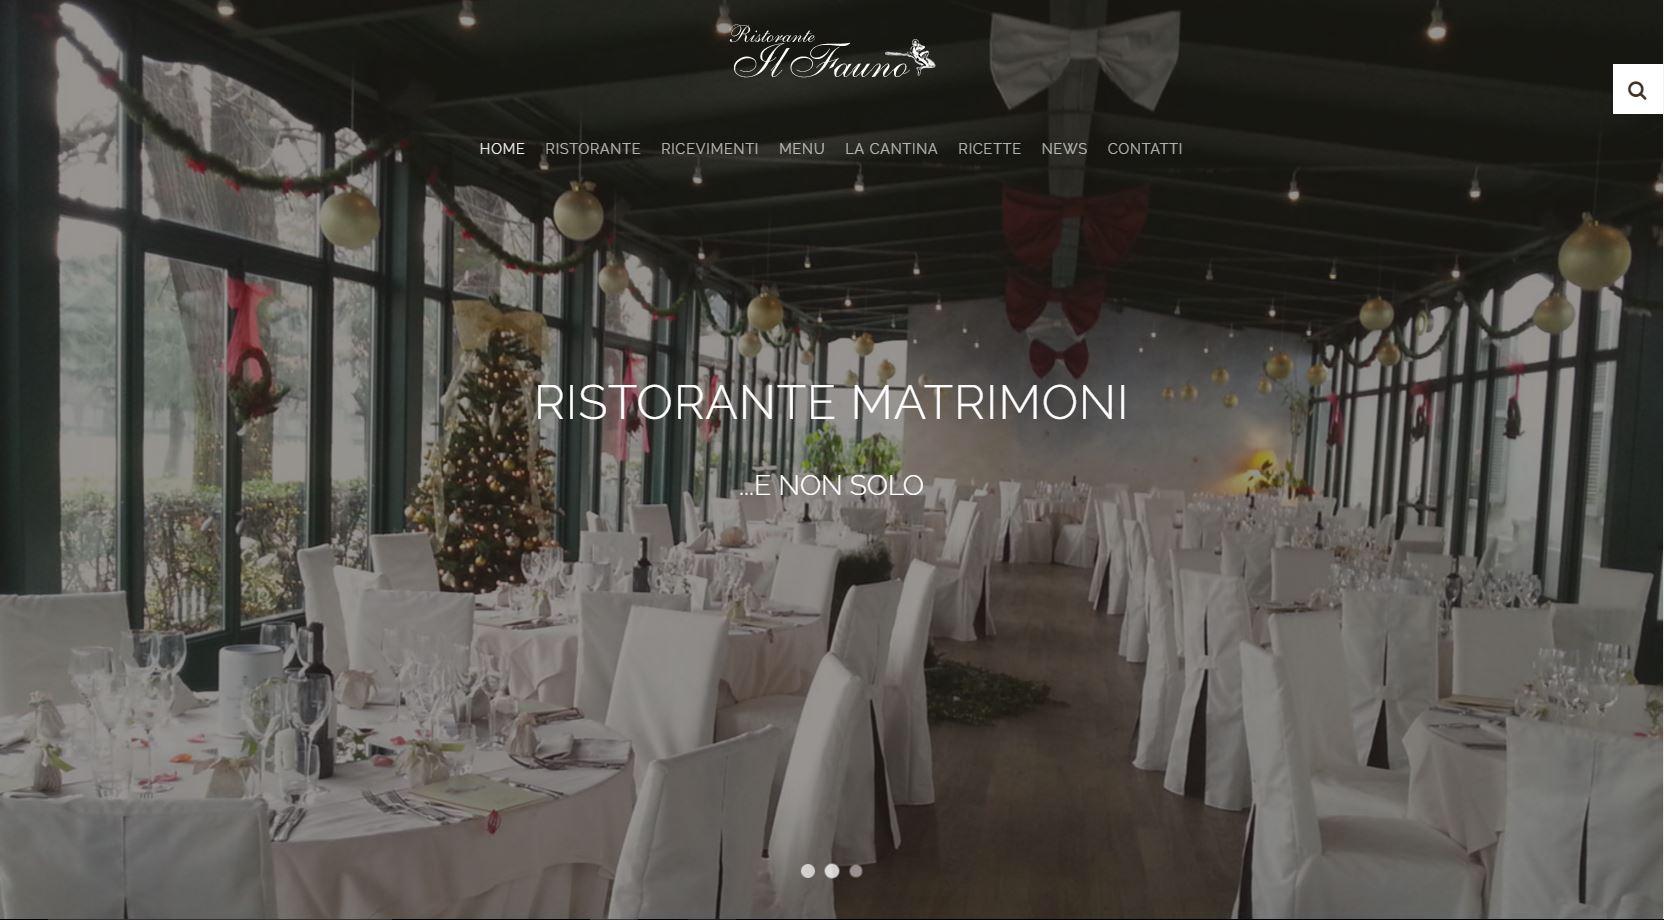 Il Fauno ristorante